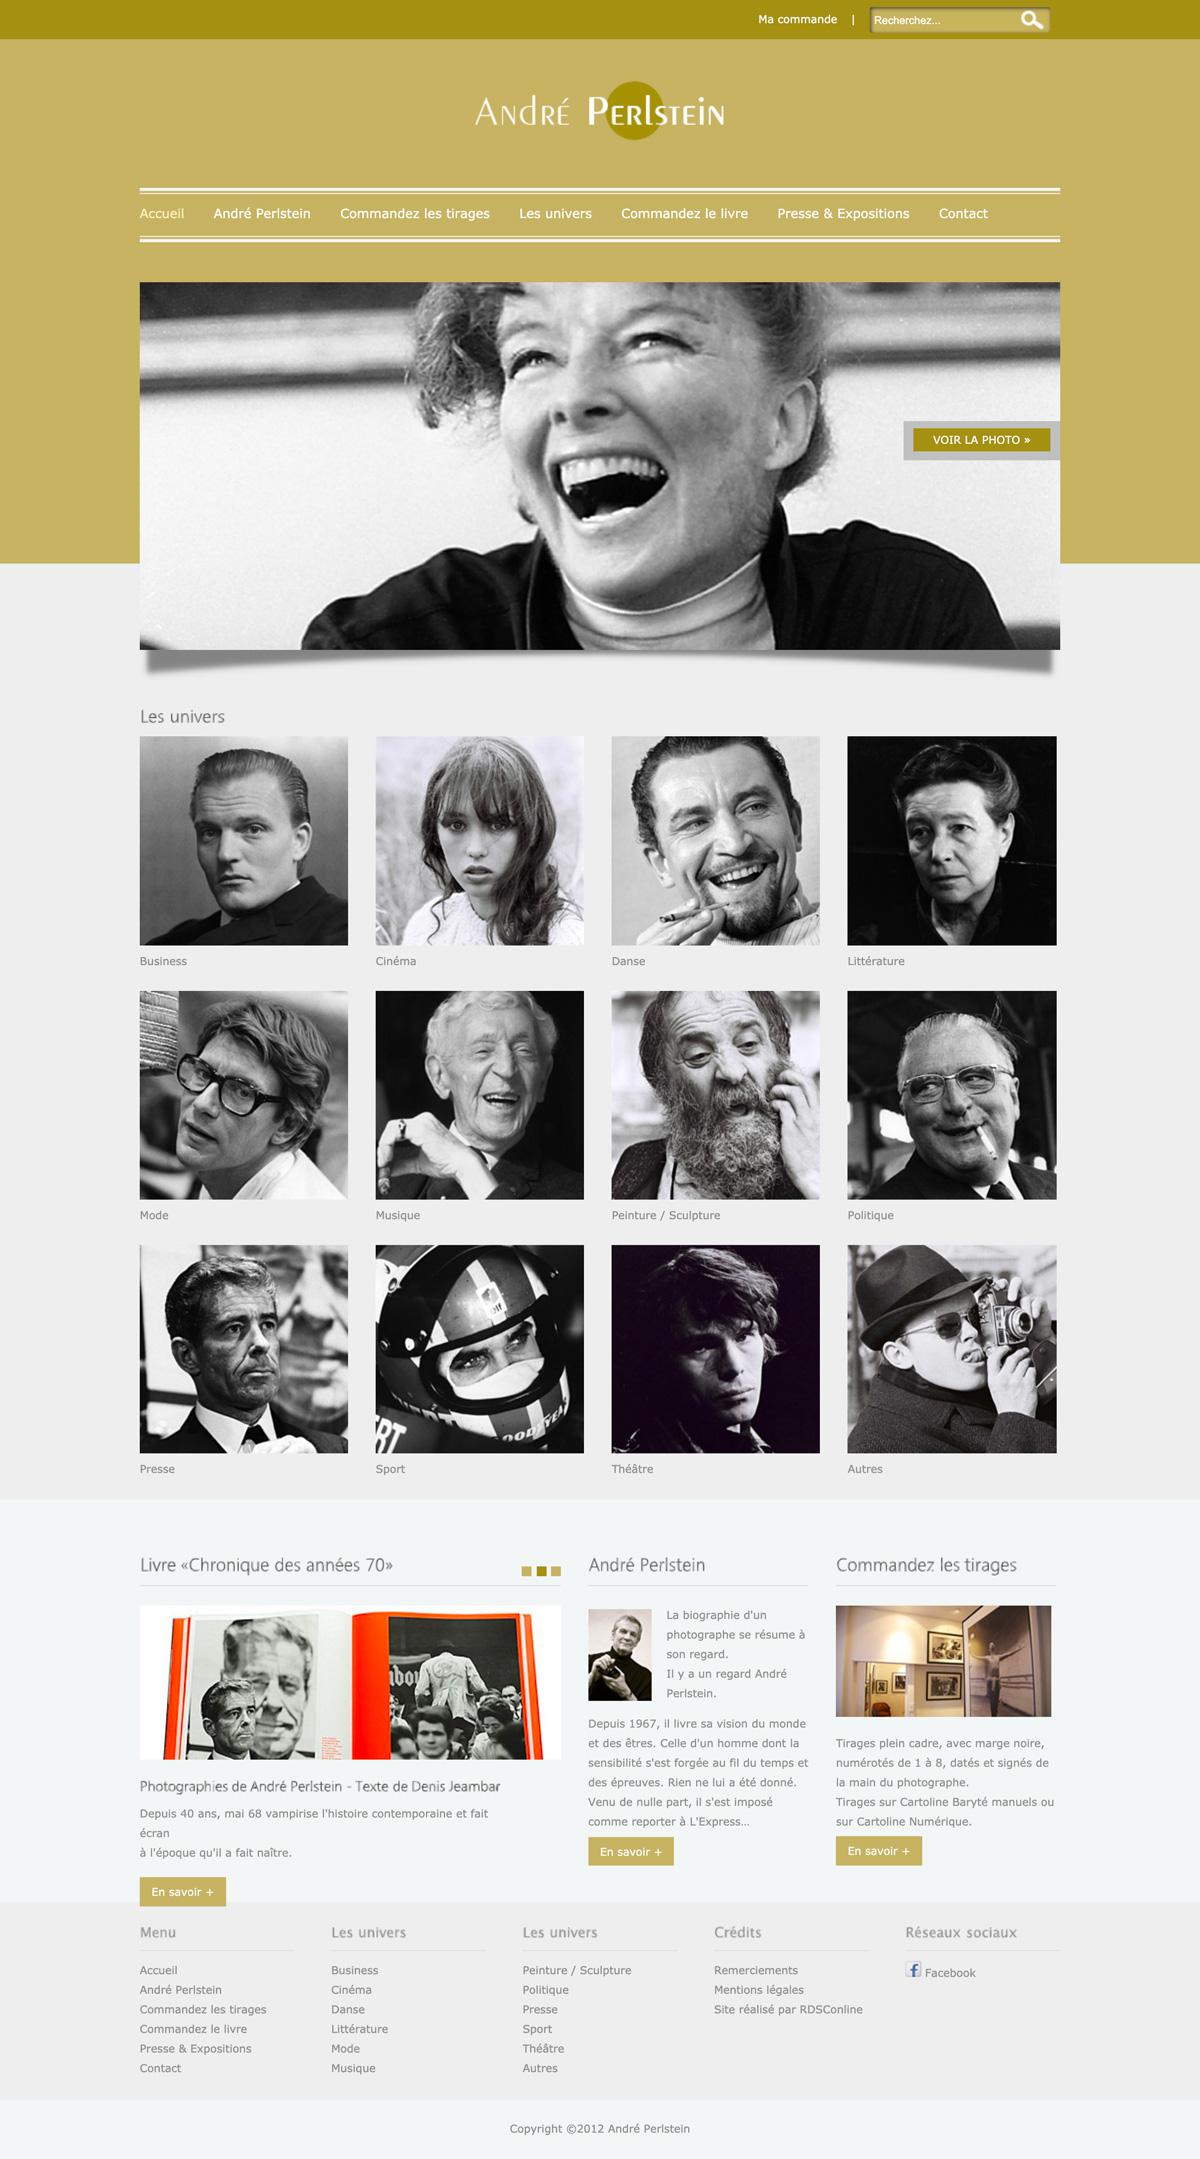 rdsc andre perlstein website screenshot